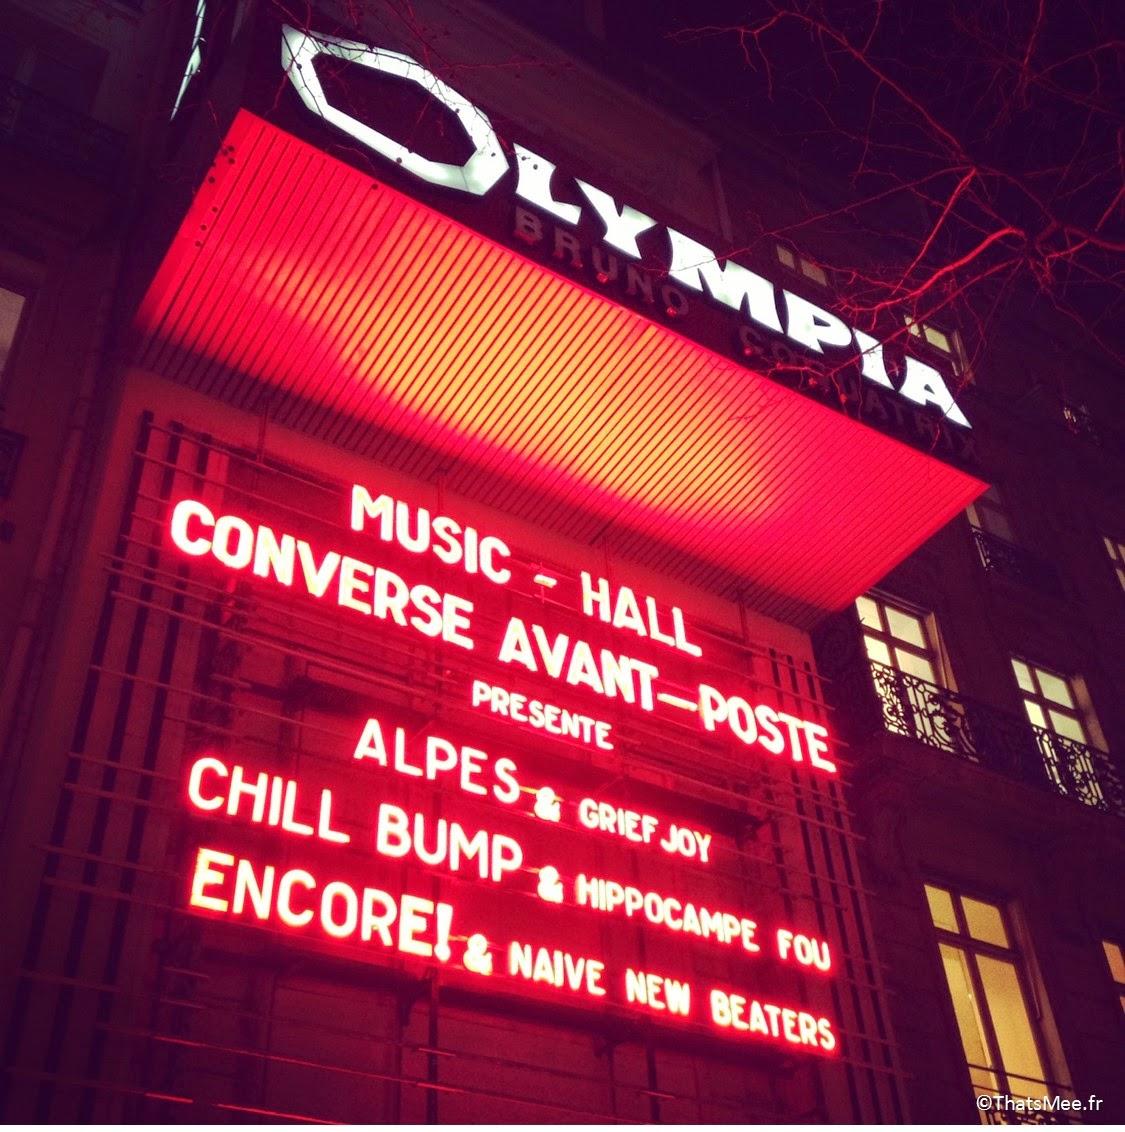 Duo groupe hip-hop Chill Bump  rap de Tours, album Ego Trip Chill Bump, concert Converse avant-poste Paris Olympia Chill Bump mars 2015